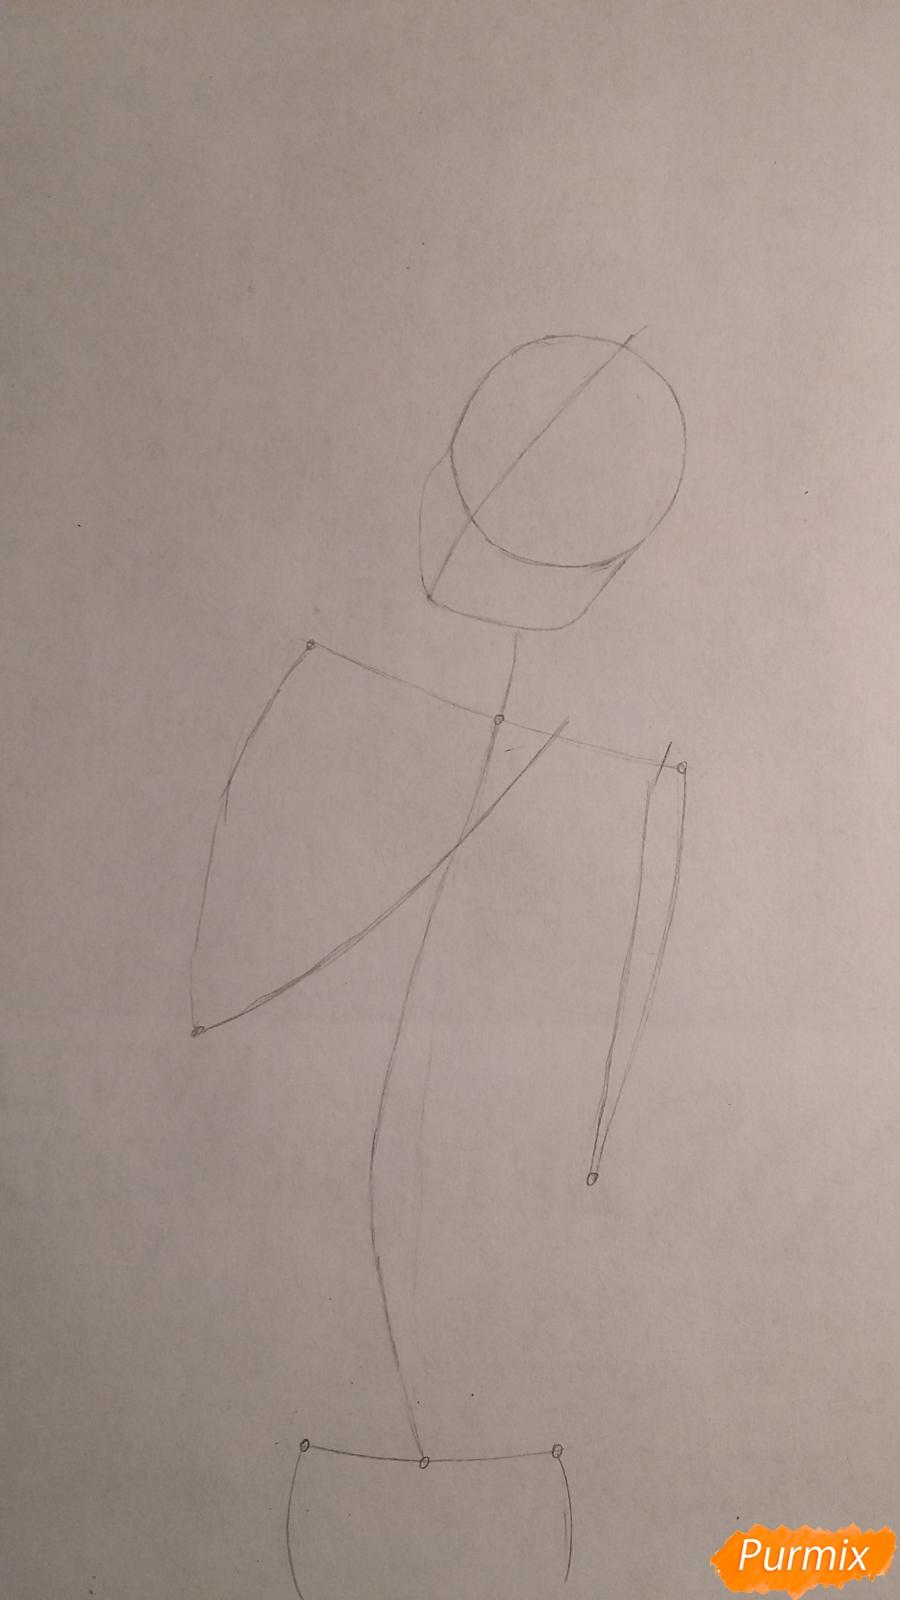 Как нарисовать милую девушку в аниме стиле карандашами поэтапно - шаг 1